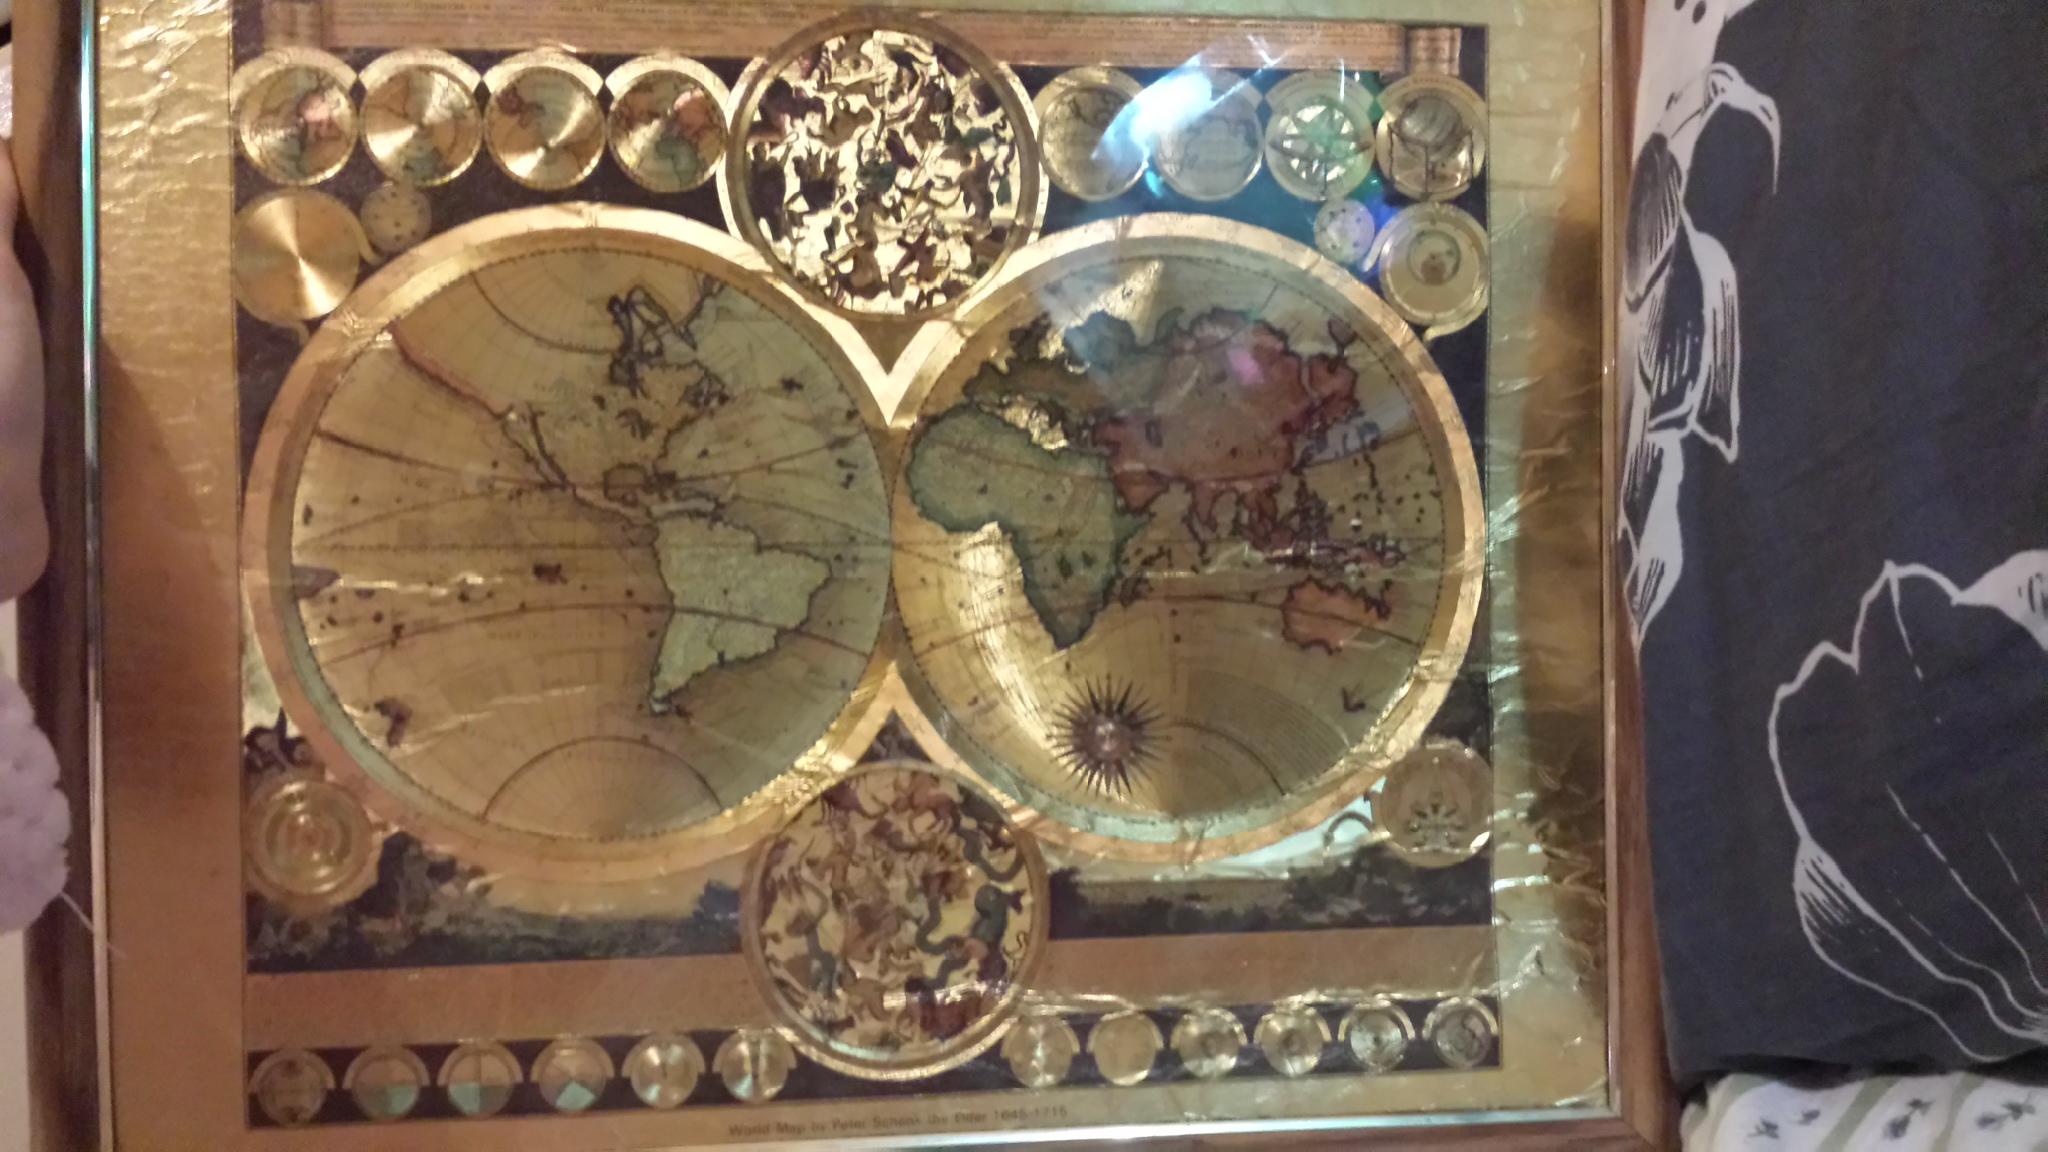 World Map By Peter Schenk The Elder.World Map By Peter Schenk The Elder 1645 1715 Antique Appraisal